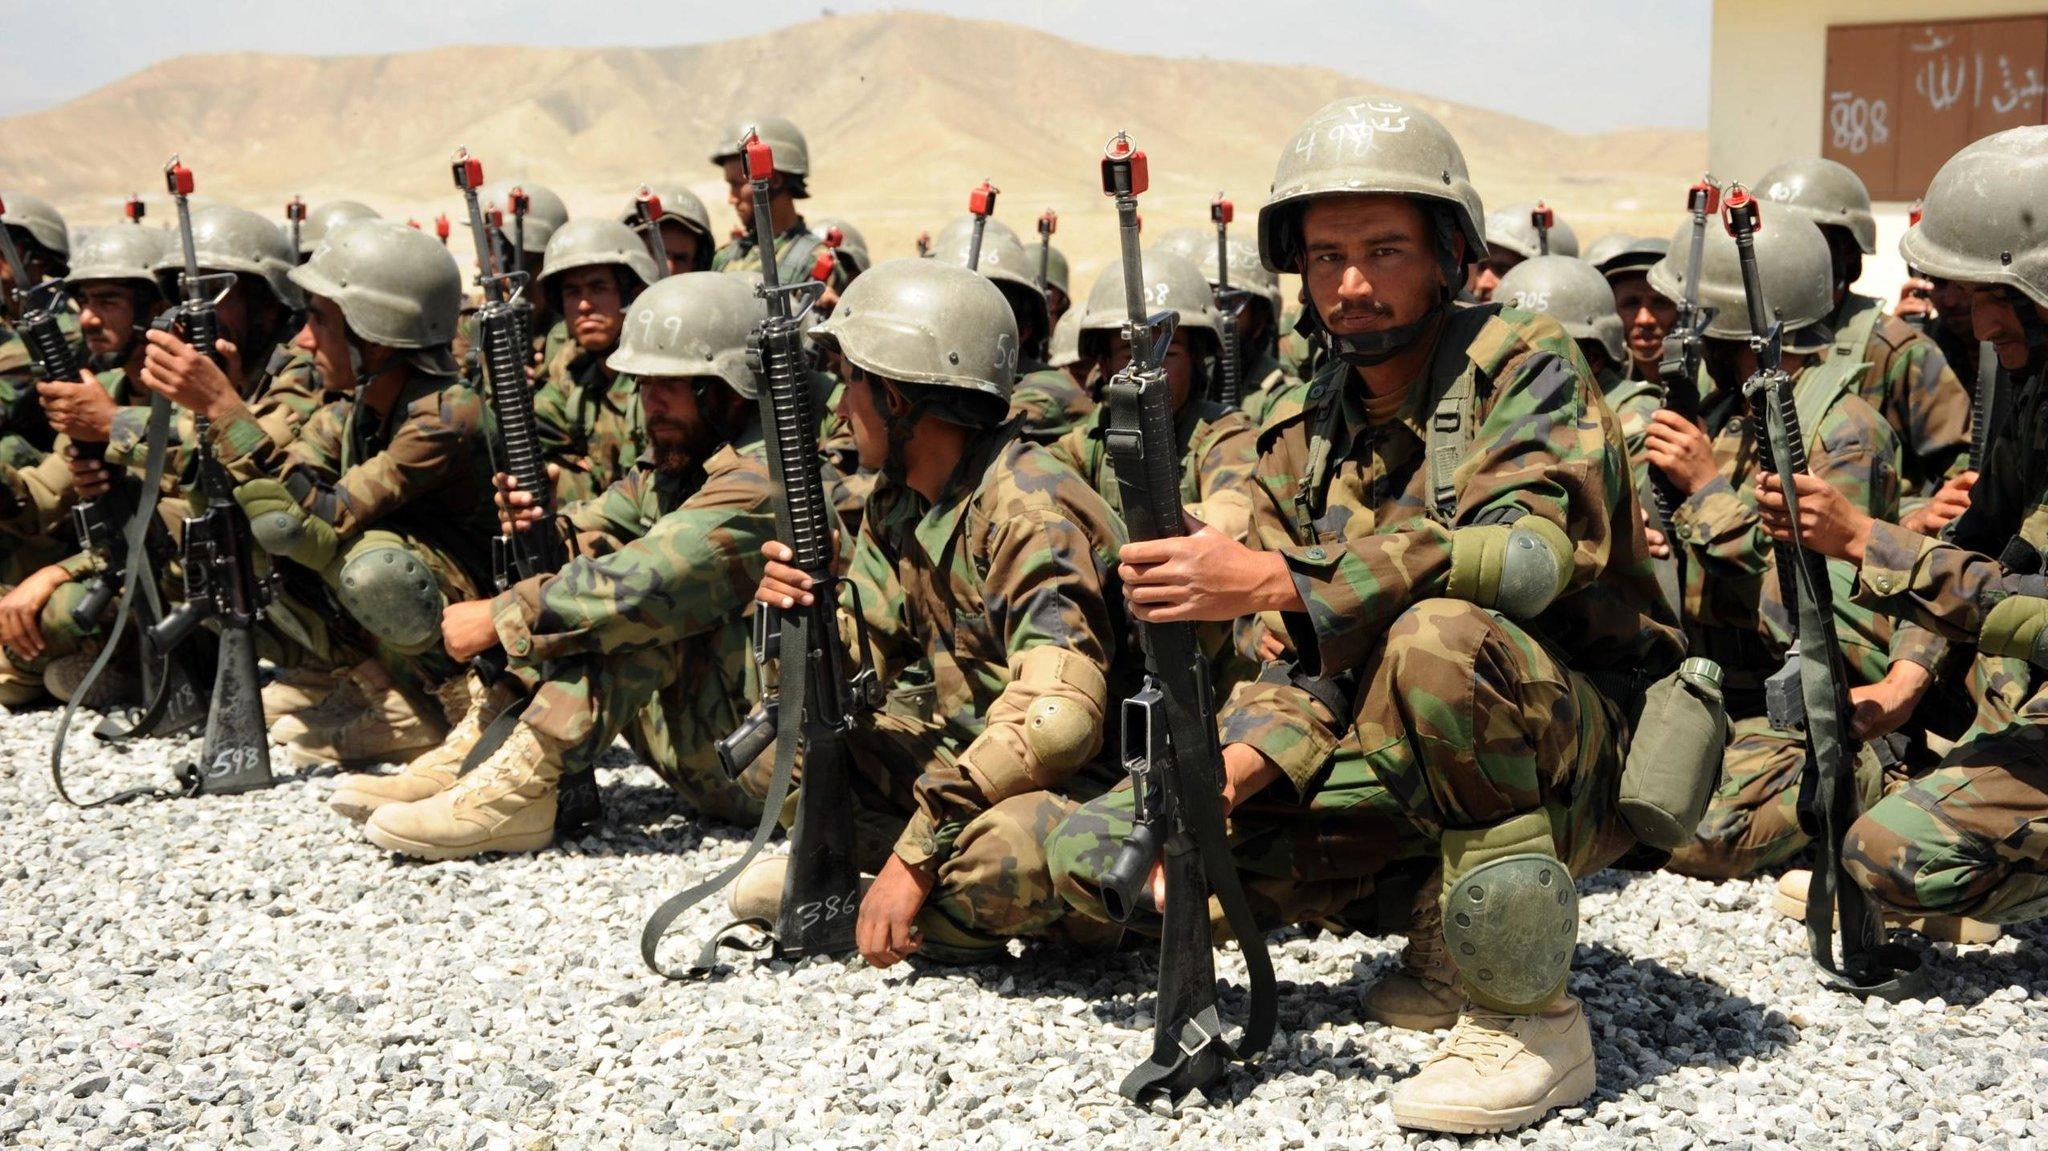 картинка солдат афганцев если ничего